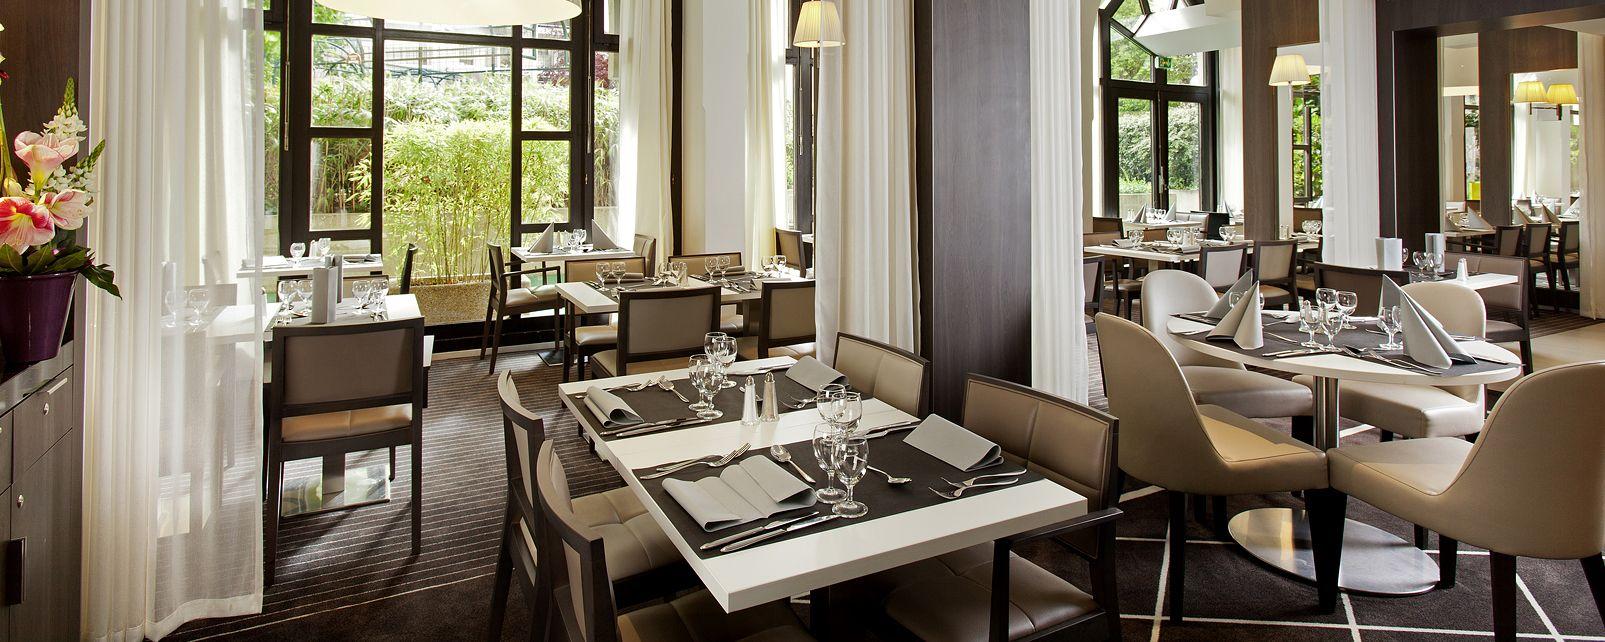 Hotel mercure porte de versailles expo in paris france for Porte de versailles paris